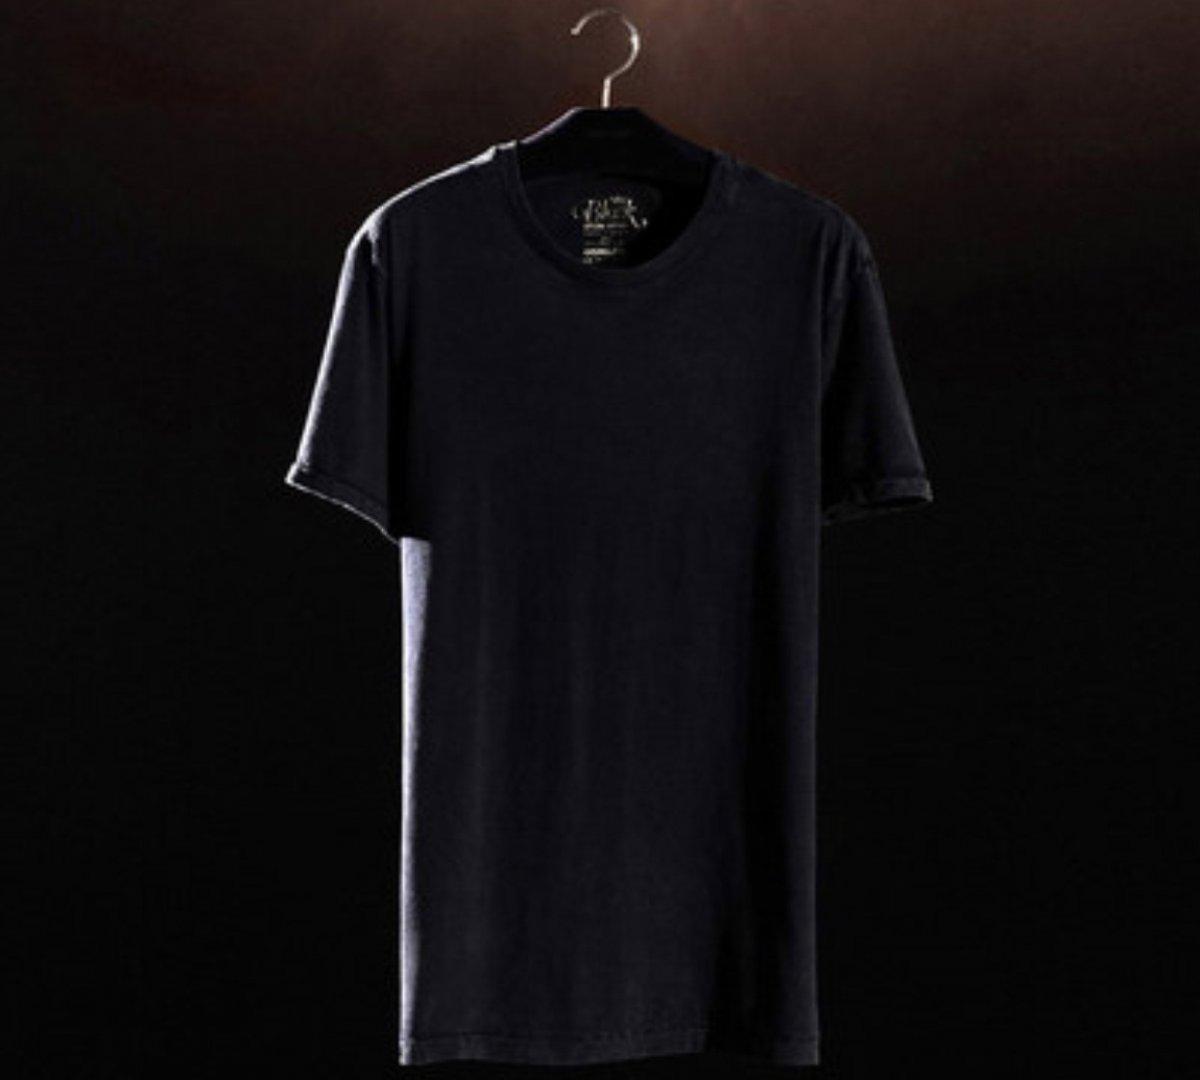 Osklen, a marca brasileira de moda de novo luxo, lança a Black Edition, uma coleção com a tecnologia Stays Fresh da Polygiene